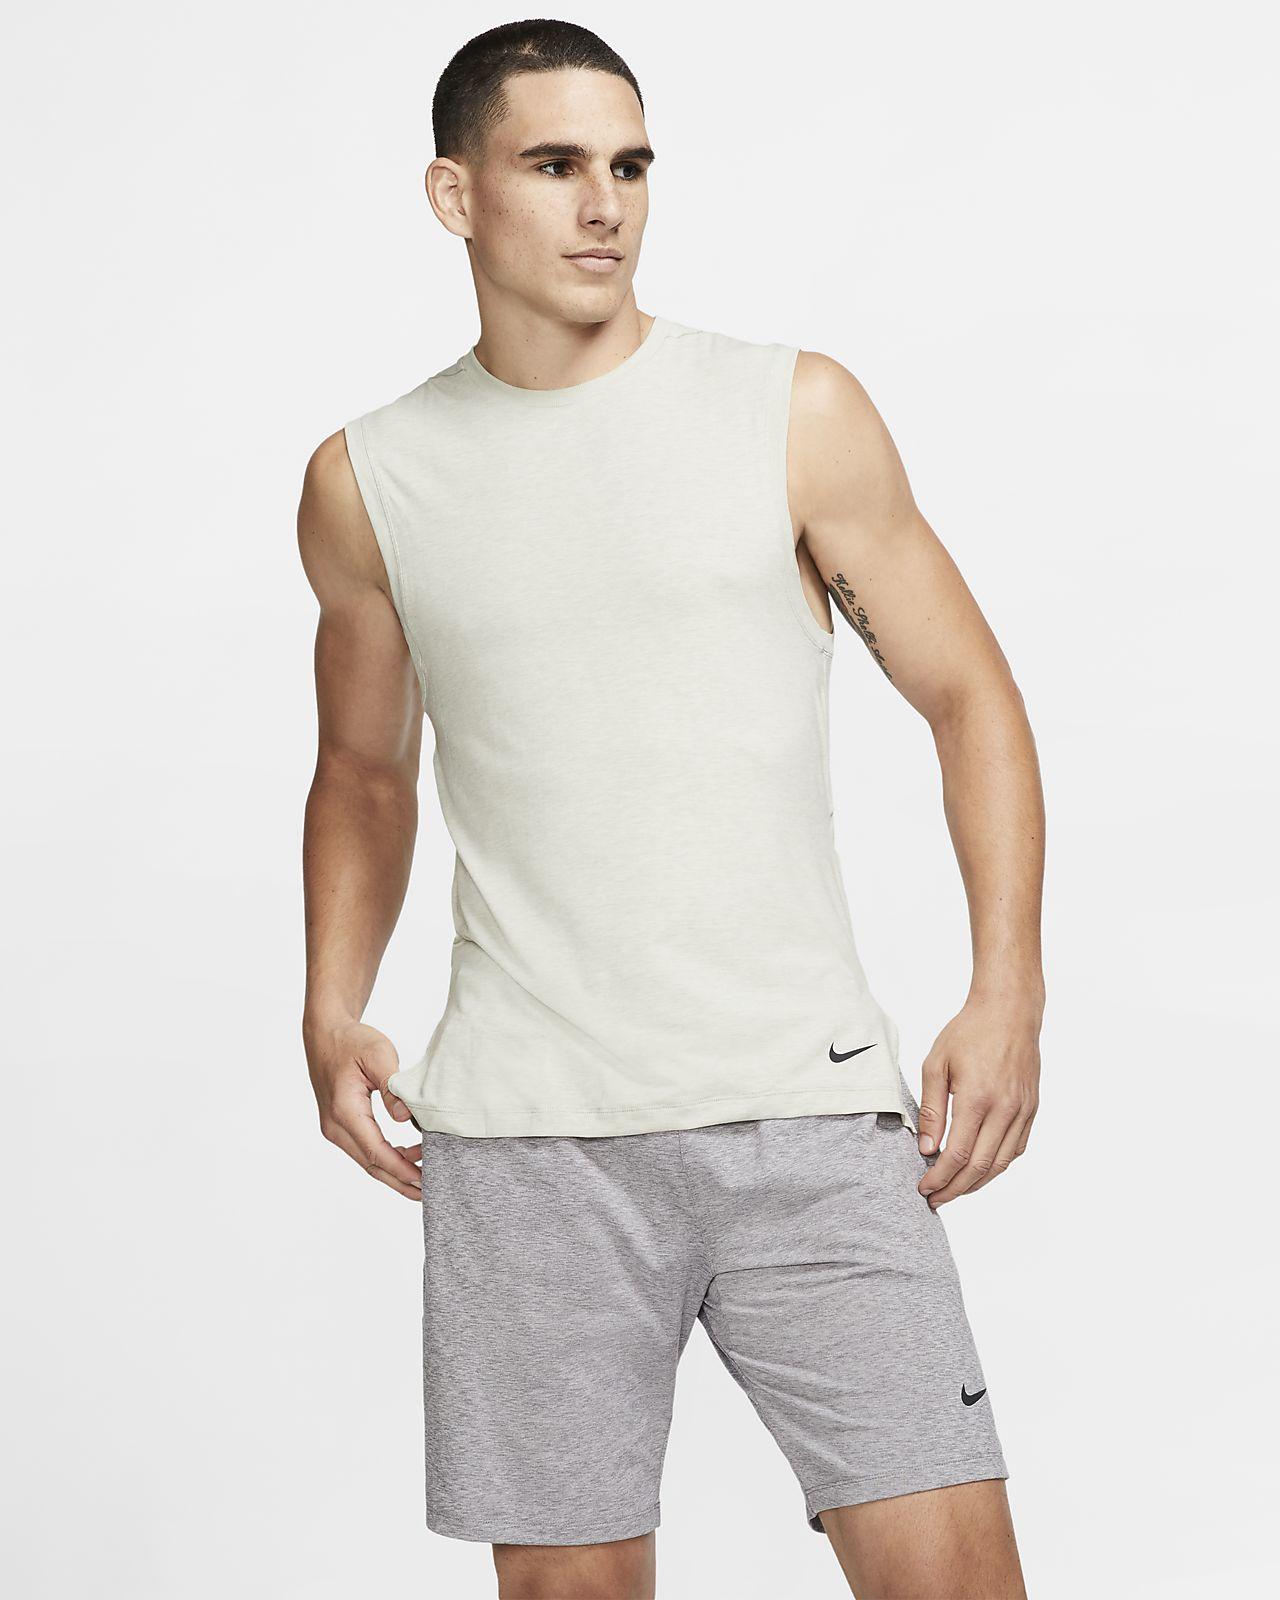 Męska koszulka treningowa bez rękawów do jogi Nike Dri-FIT